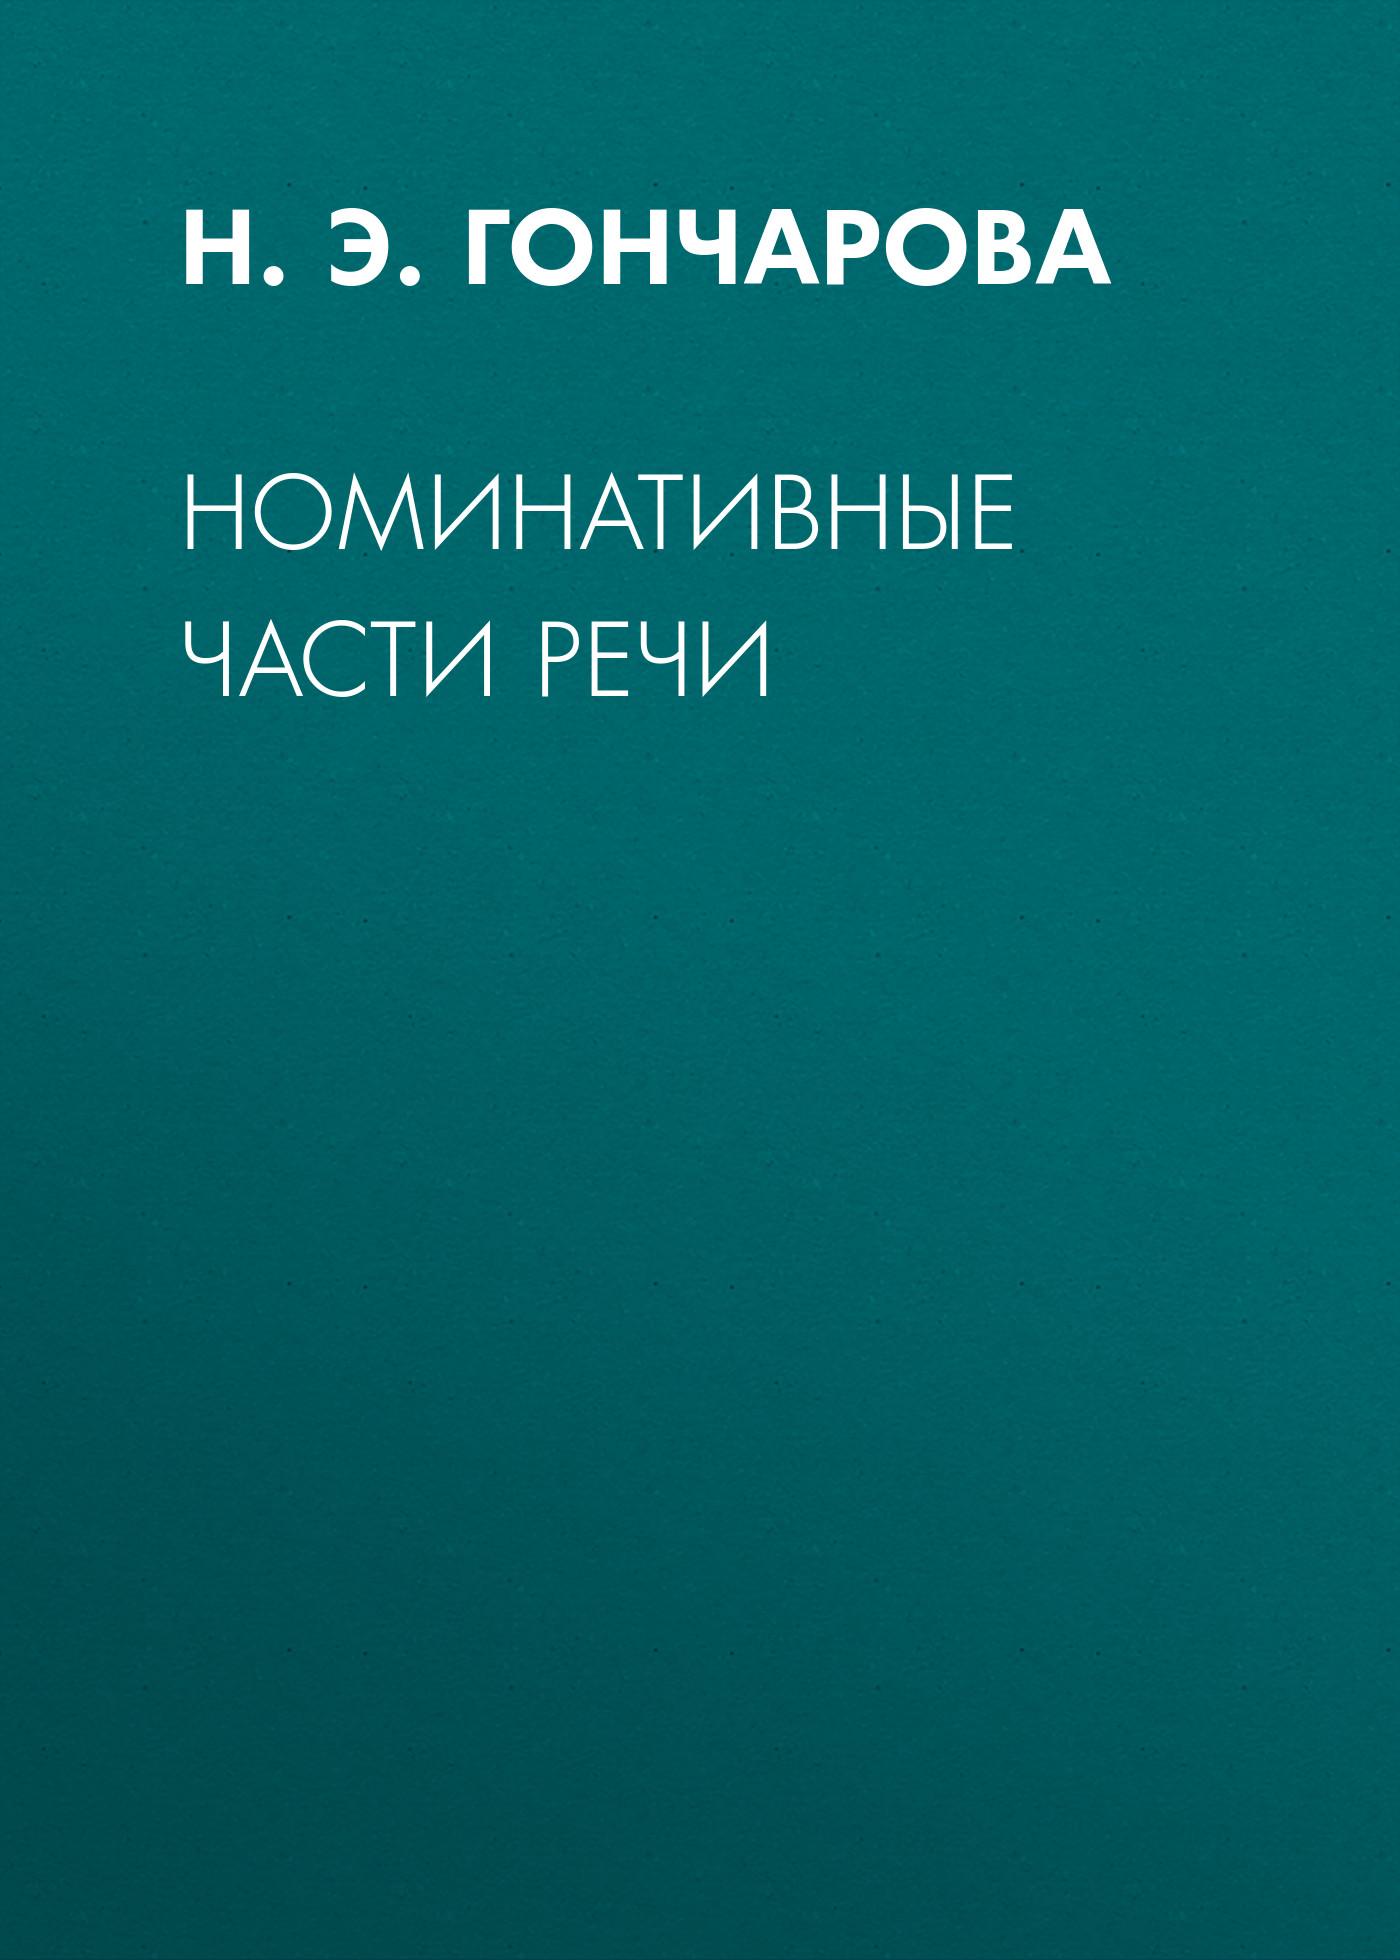 Н. Э. Н. Гончарова Номинативные части речи н н тесликова основы культуры речи для студентов юристов isbn 978 5 9765 0268 0